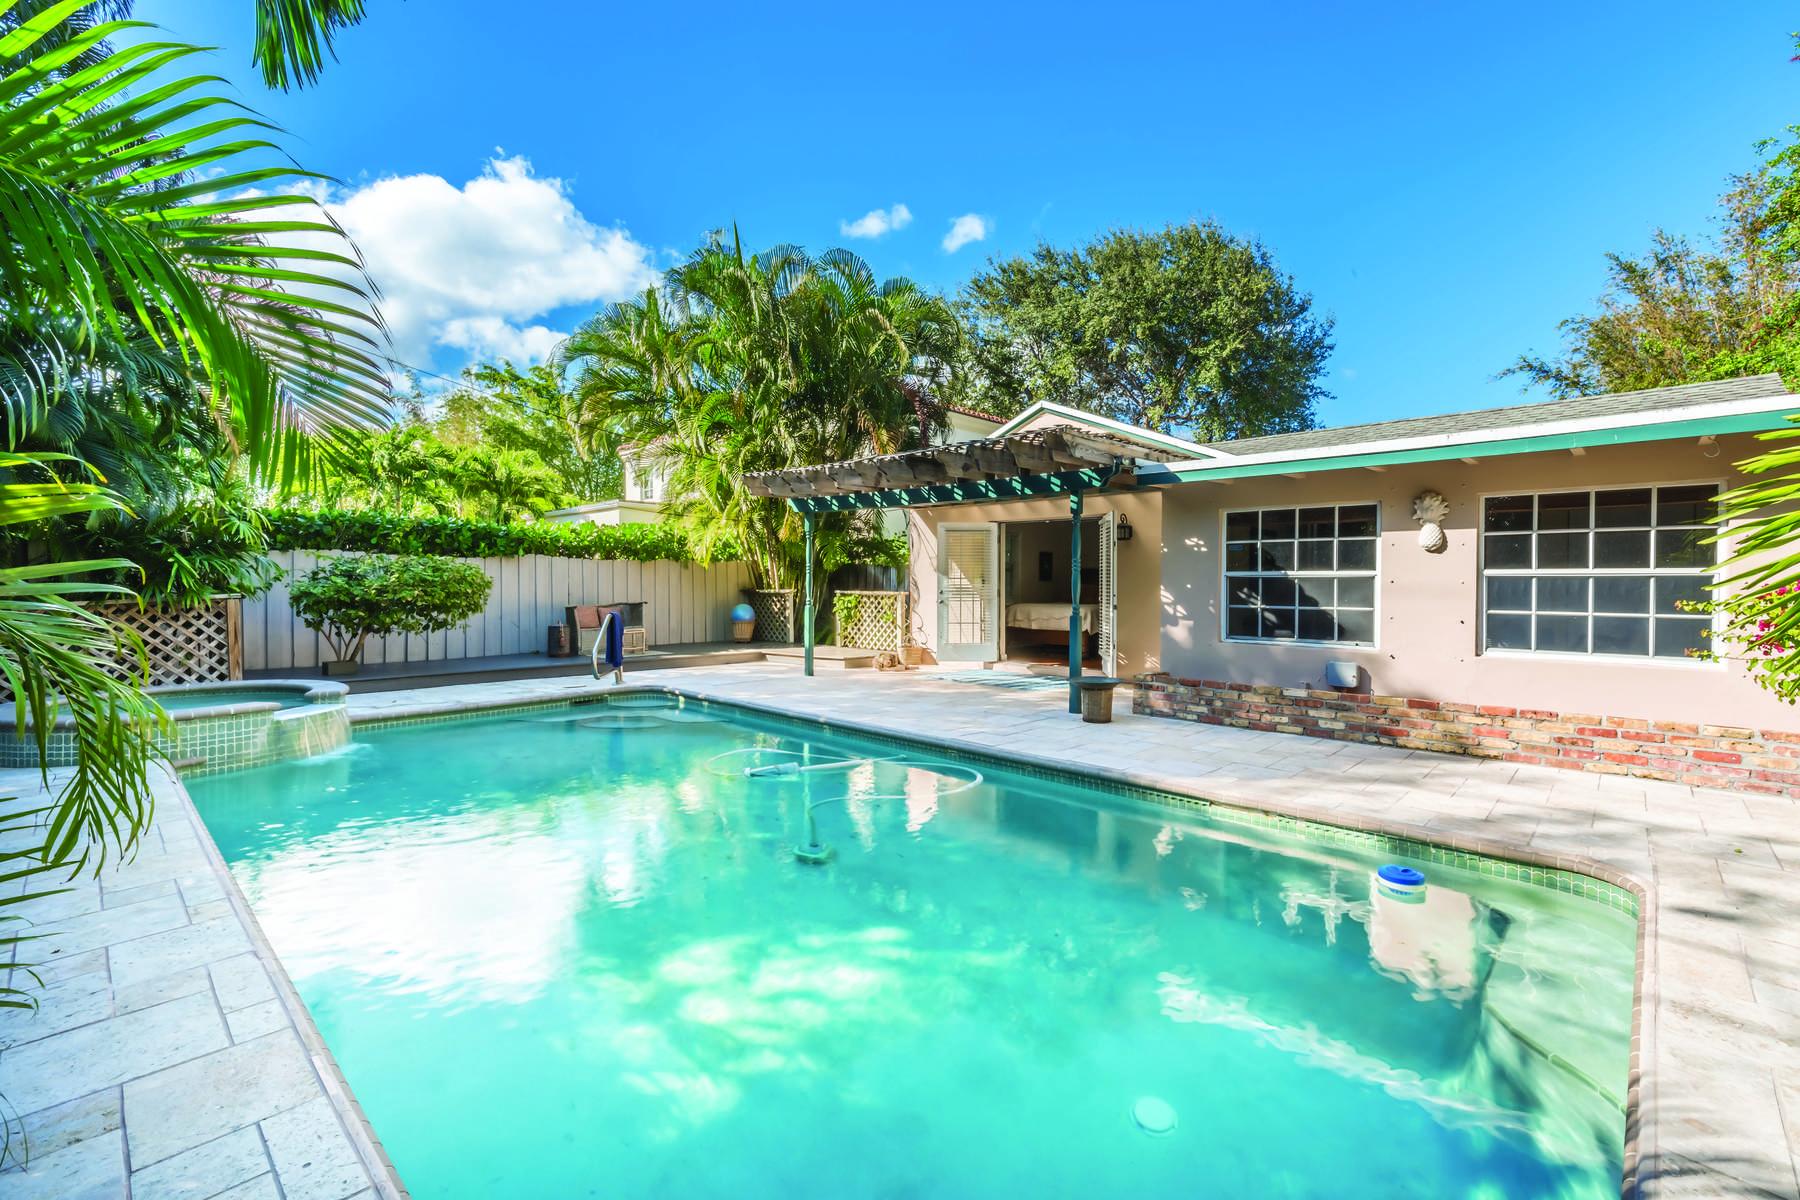 Nhà ở một gia đình vì Bán tại Historic El Cid Landmark 322 Valencia Rd, West Palm Beach, Florida, 33401 Hoa Kỳ